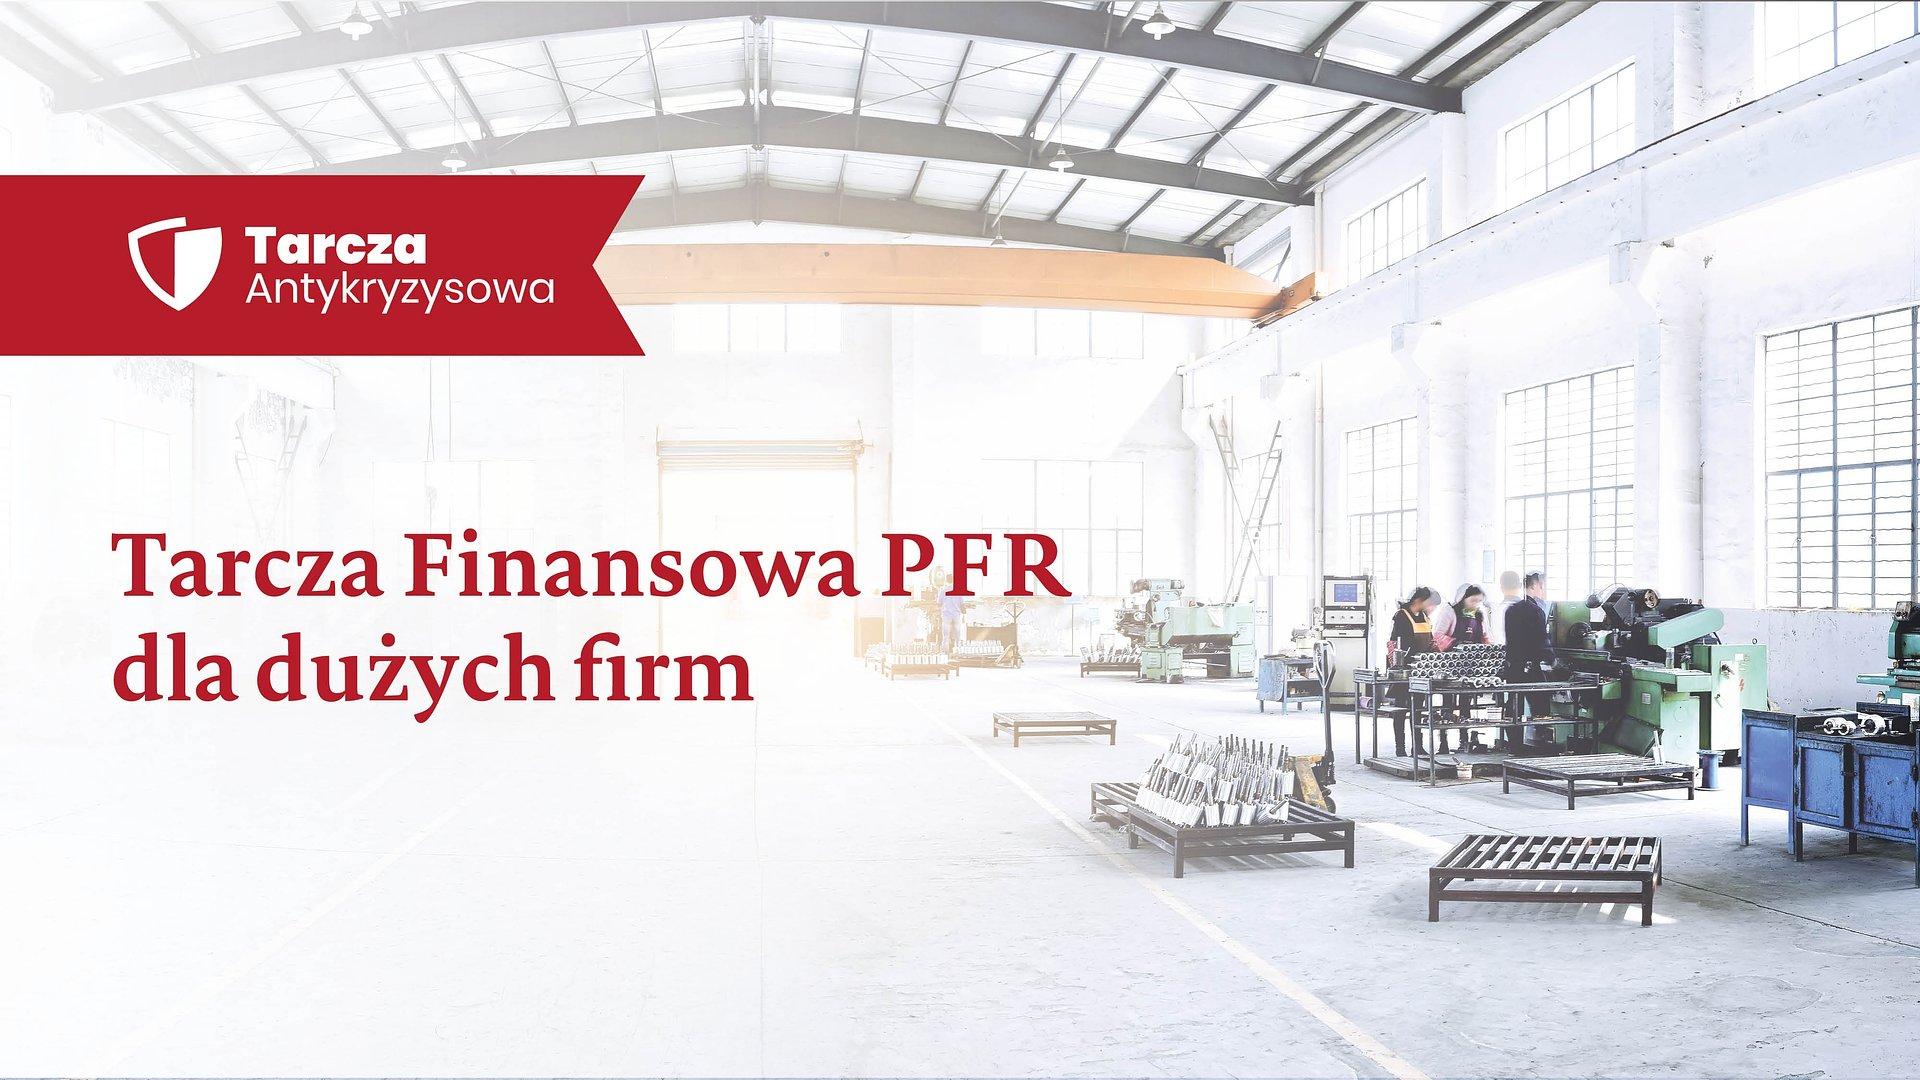 Polski Fundusz Rozwoju uruchomił obsługę wniosków o finansowanie w ramach Tarczy Finansowej PFR dla Dużych Firm